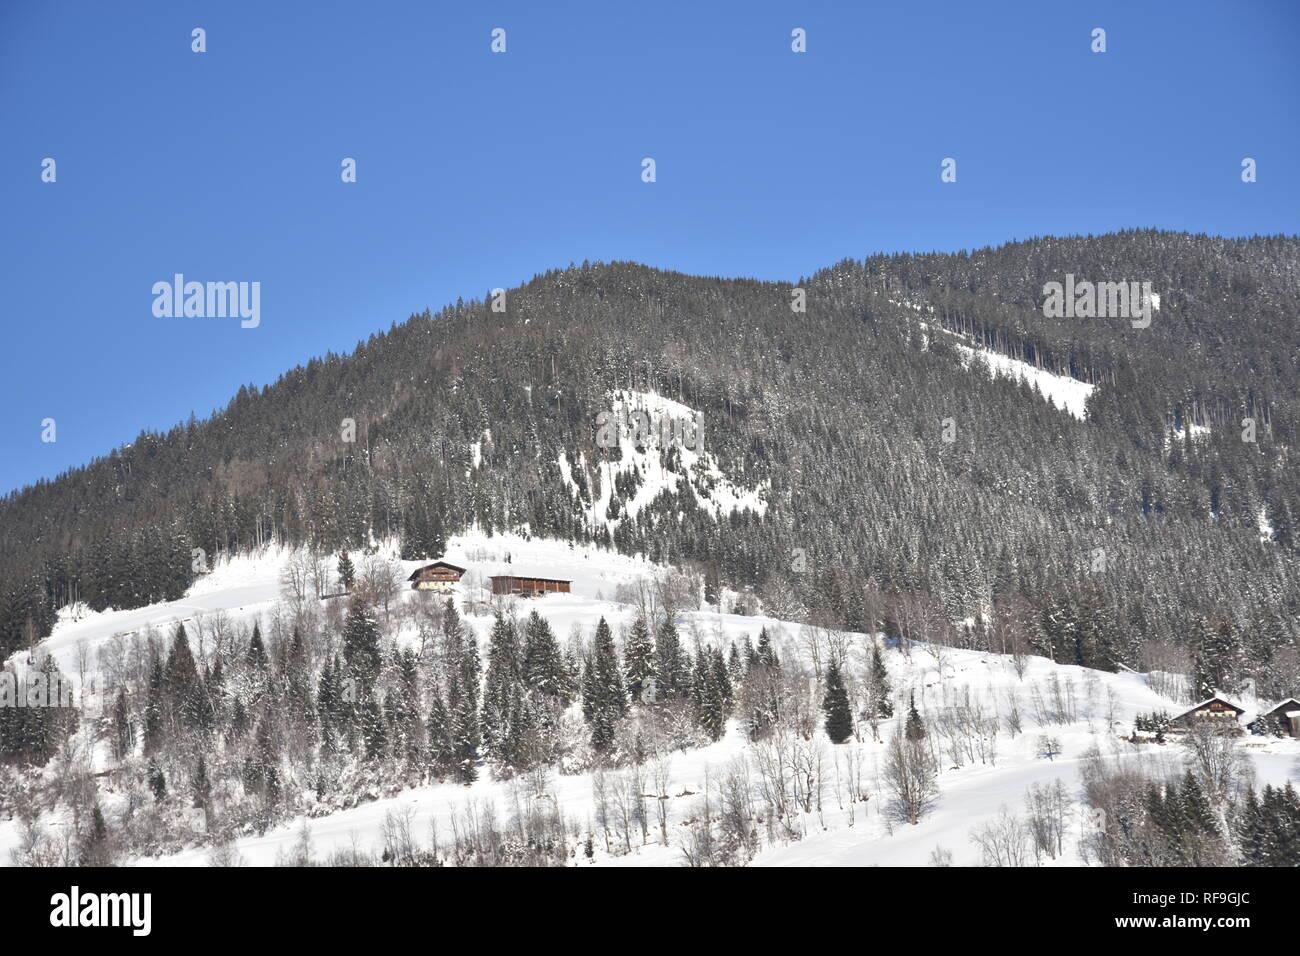 Kaprun, Salzburg, Pinzgau, Winter, Schnee, Eis, Wintersport, Gondel, Gipfel, Gletscher, Salzach, Salzachtal, Kitzsteinhorn, Hohe Tauern, Stock Photo